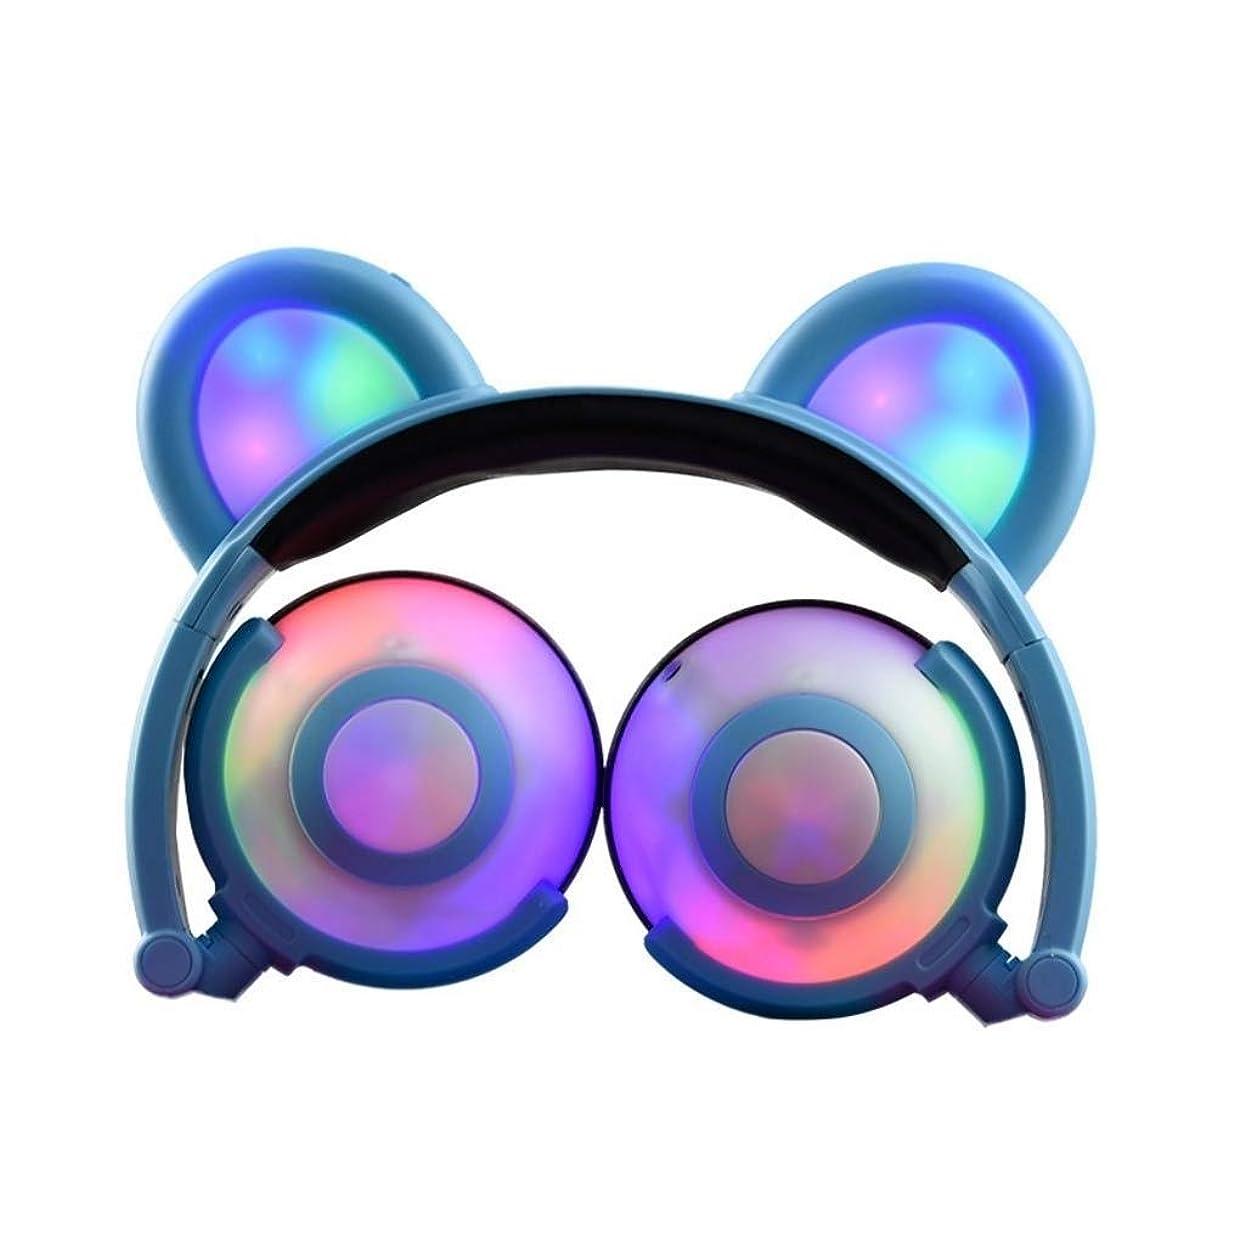 ドットトライアスリートでMXYNN 猫耳キッズヘッドフォン点滅輝くコスプレファンシー猫耳ヘッドフォン折りたたみオーバーイヤーゲームヘッドセットイヤホン付きledフラッシュライト用女の子男の子電話タブレット